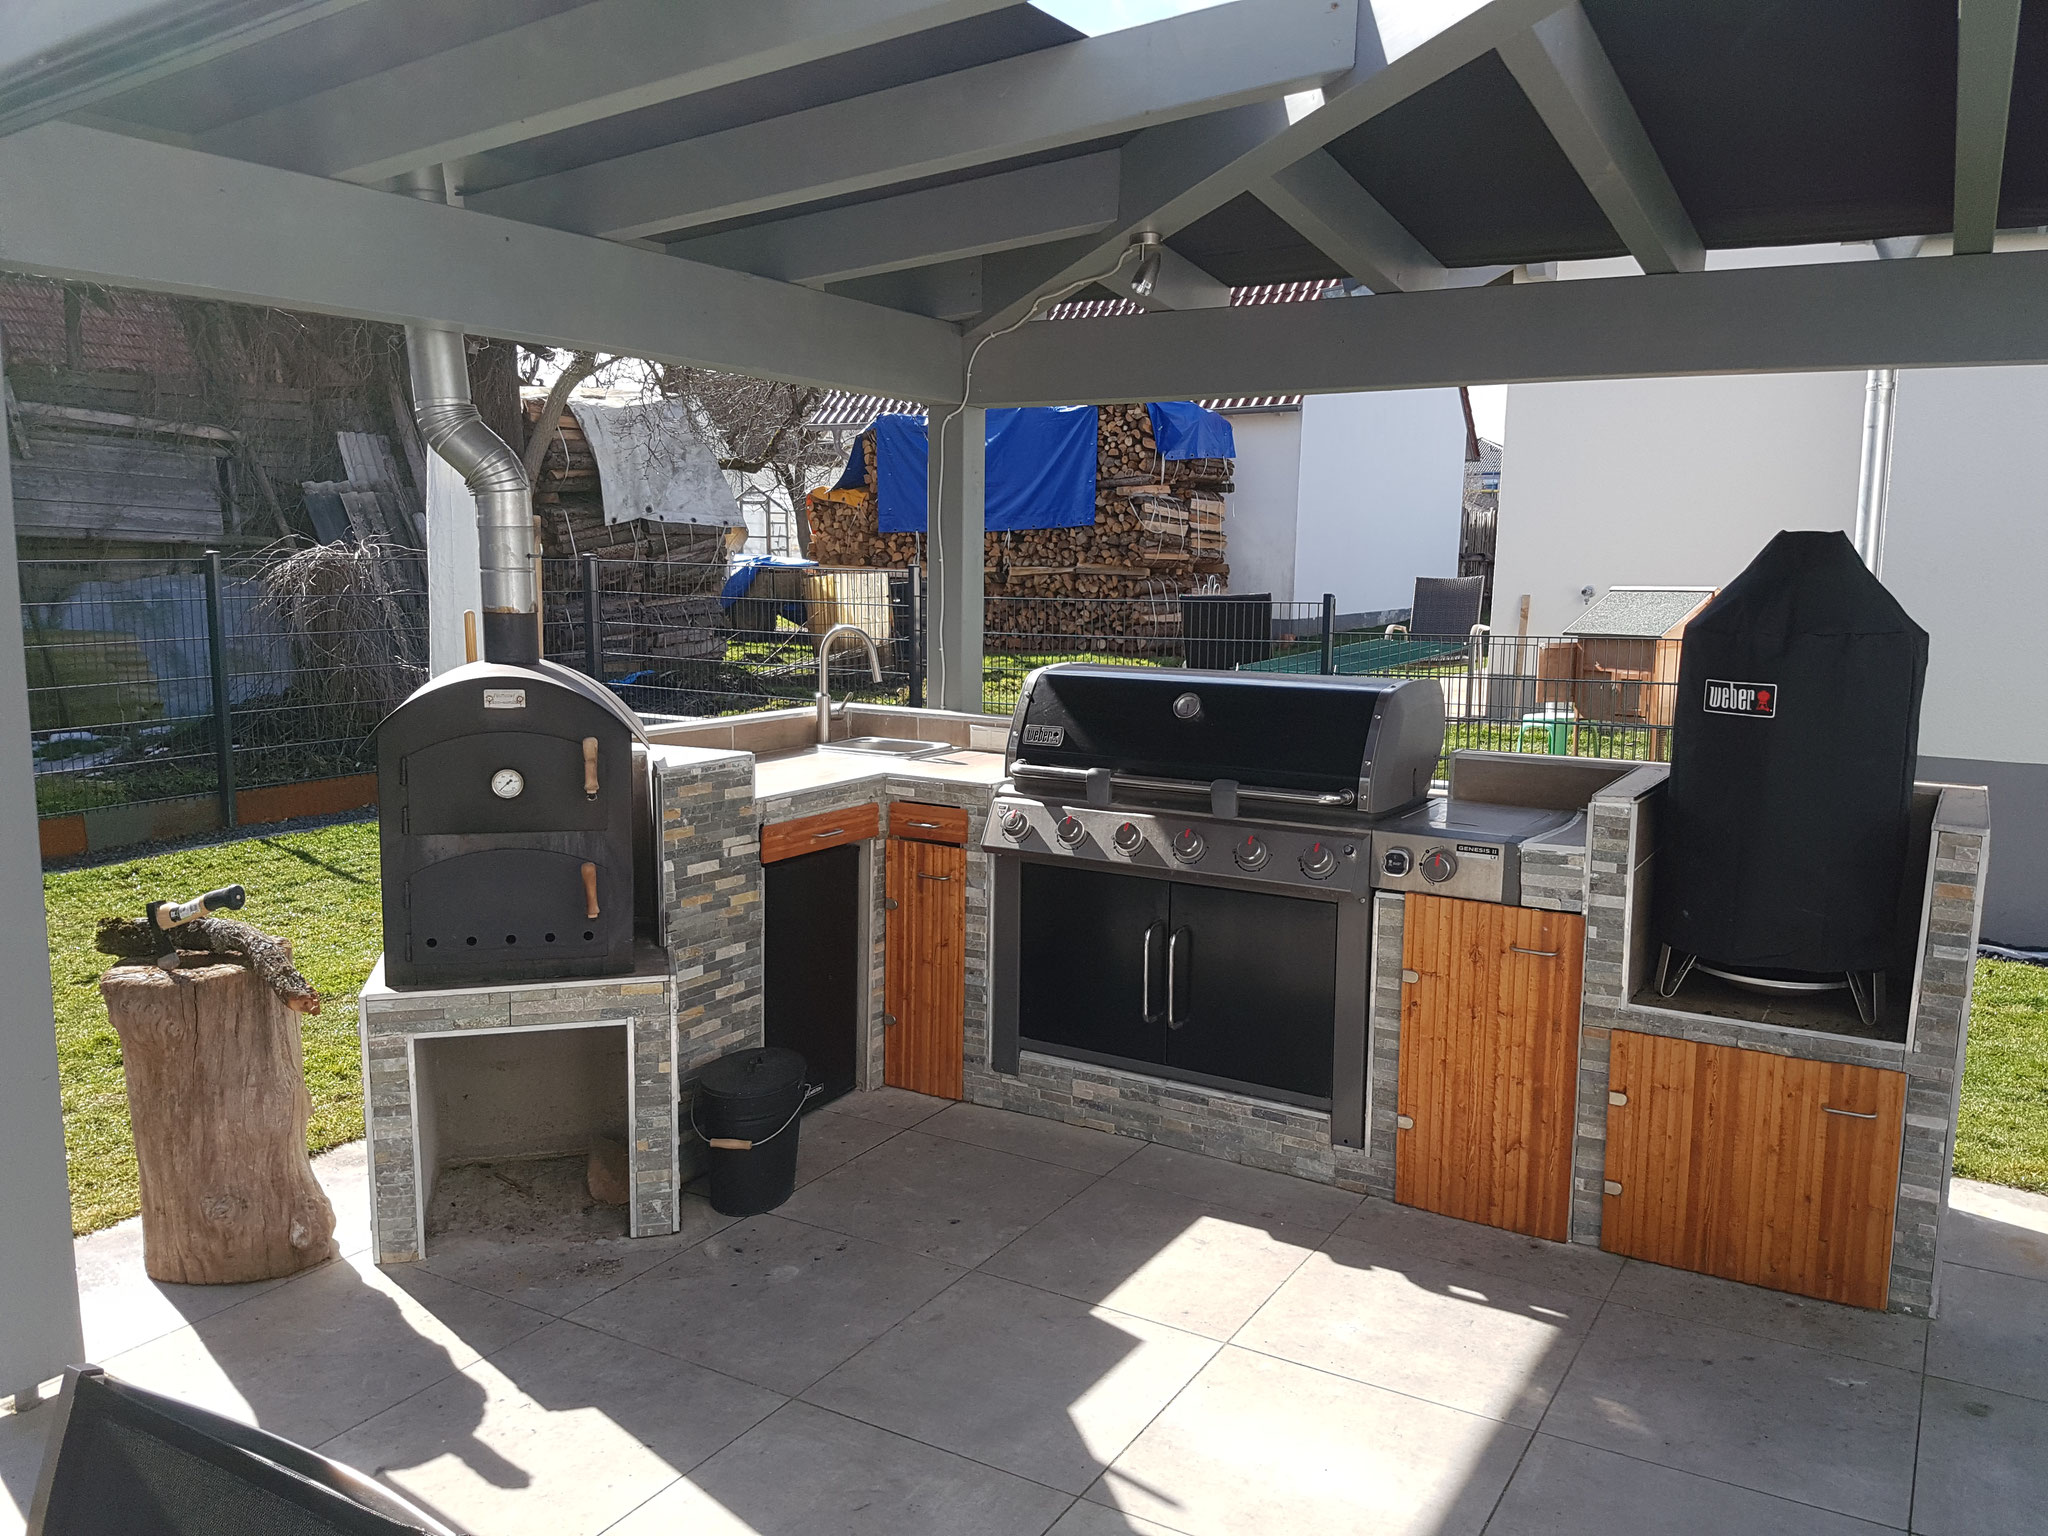 Weber Outdoor Küche Preise : Outdoorküche mit weber grill: gartenküche und outdoorküche grillen